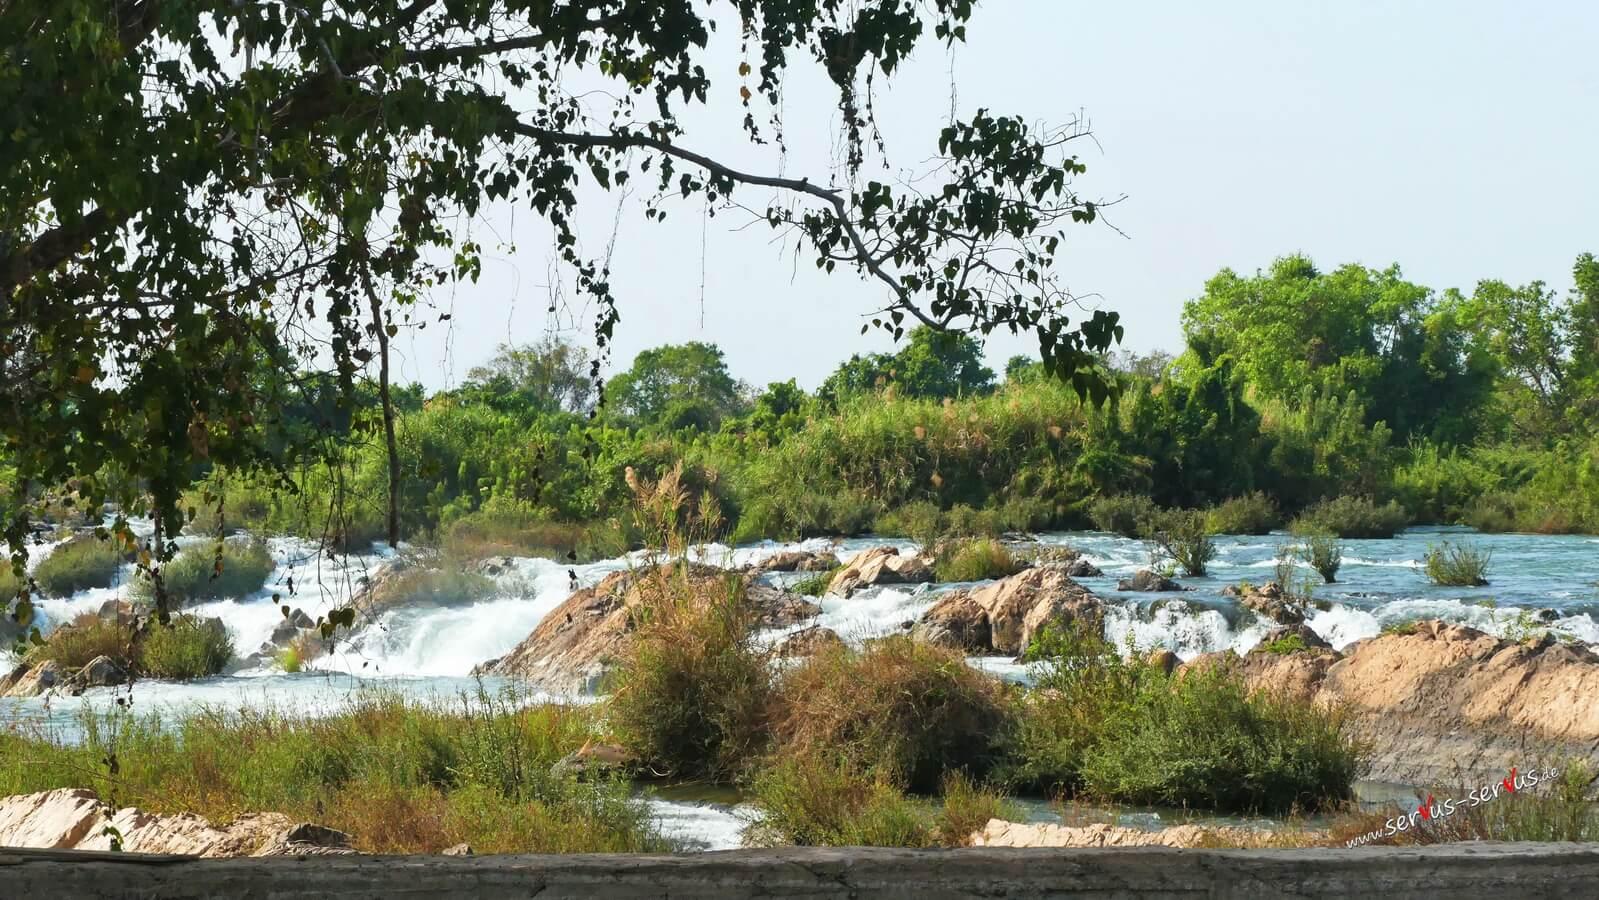 Wasserfall, Laos, Don Det, Mekong, Li Phi Falls oder Tat Somphamit Waterfalls